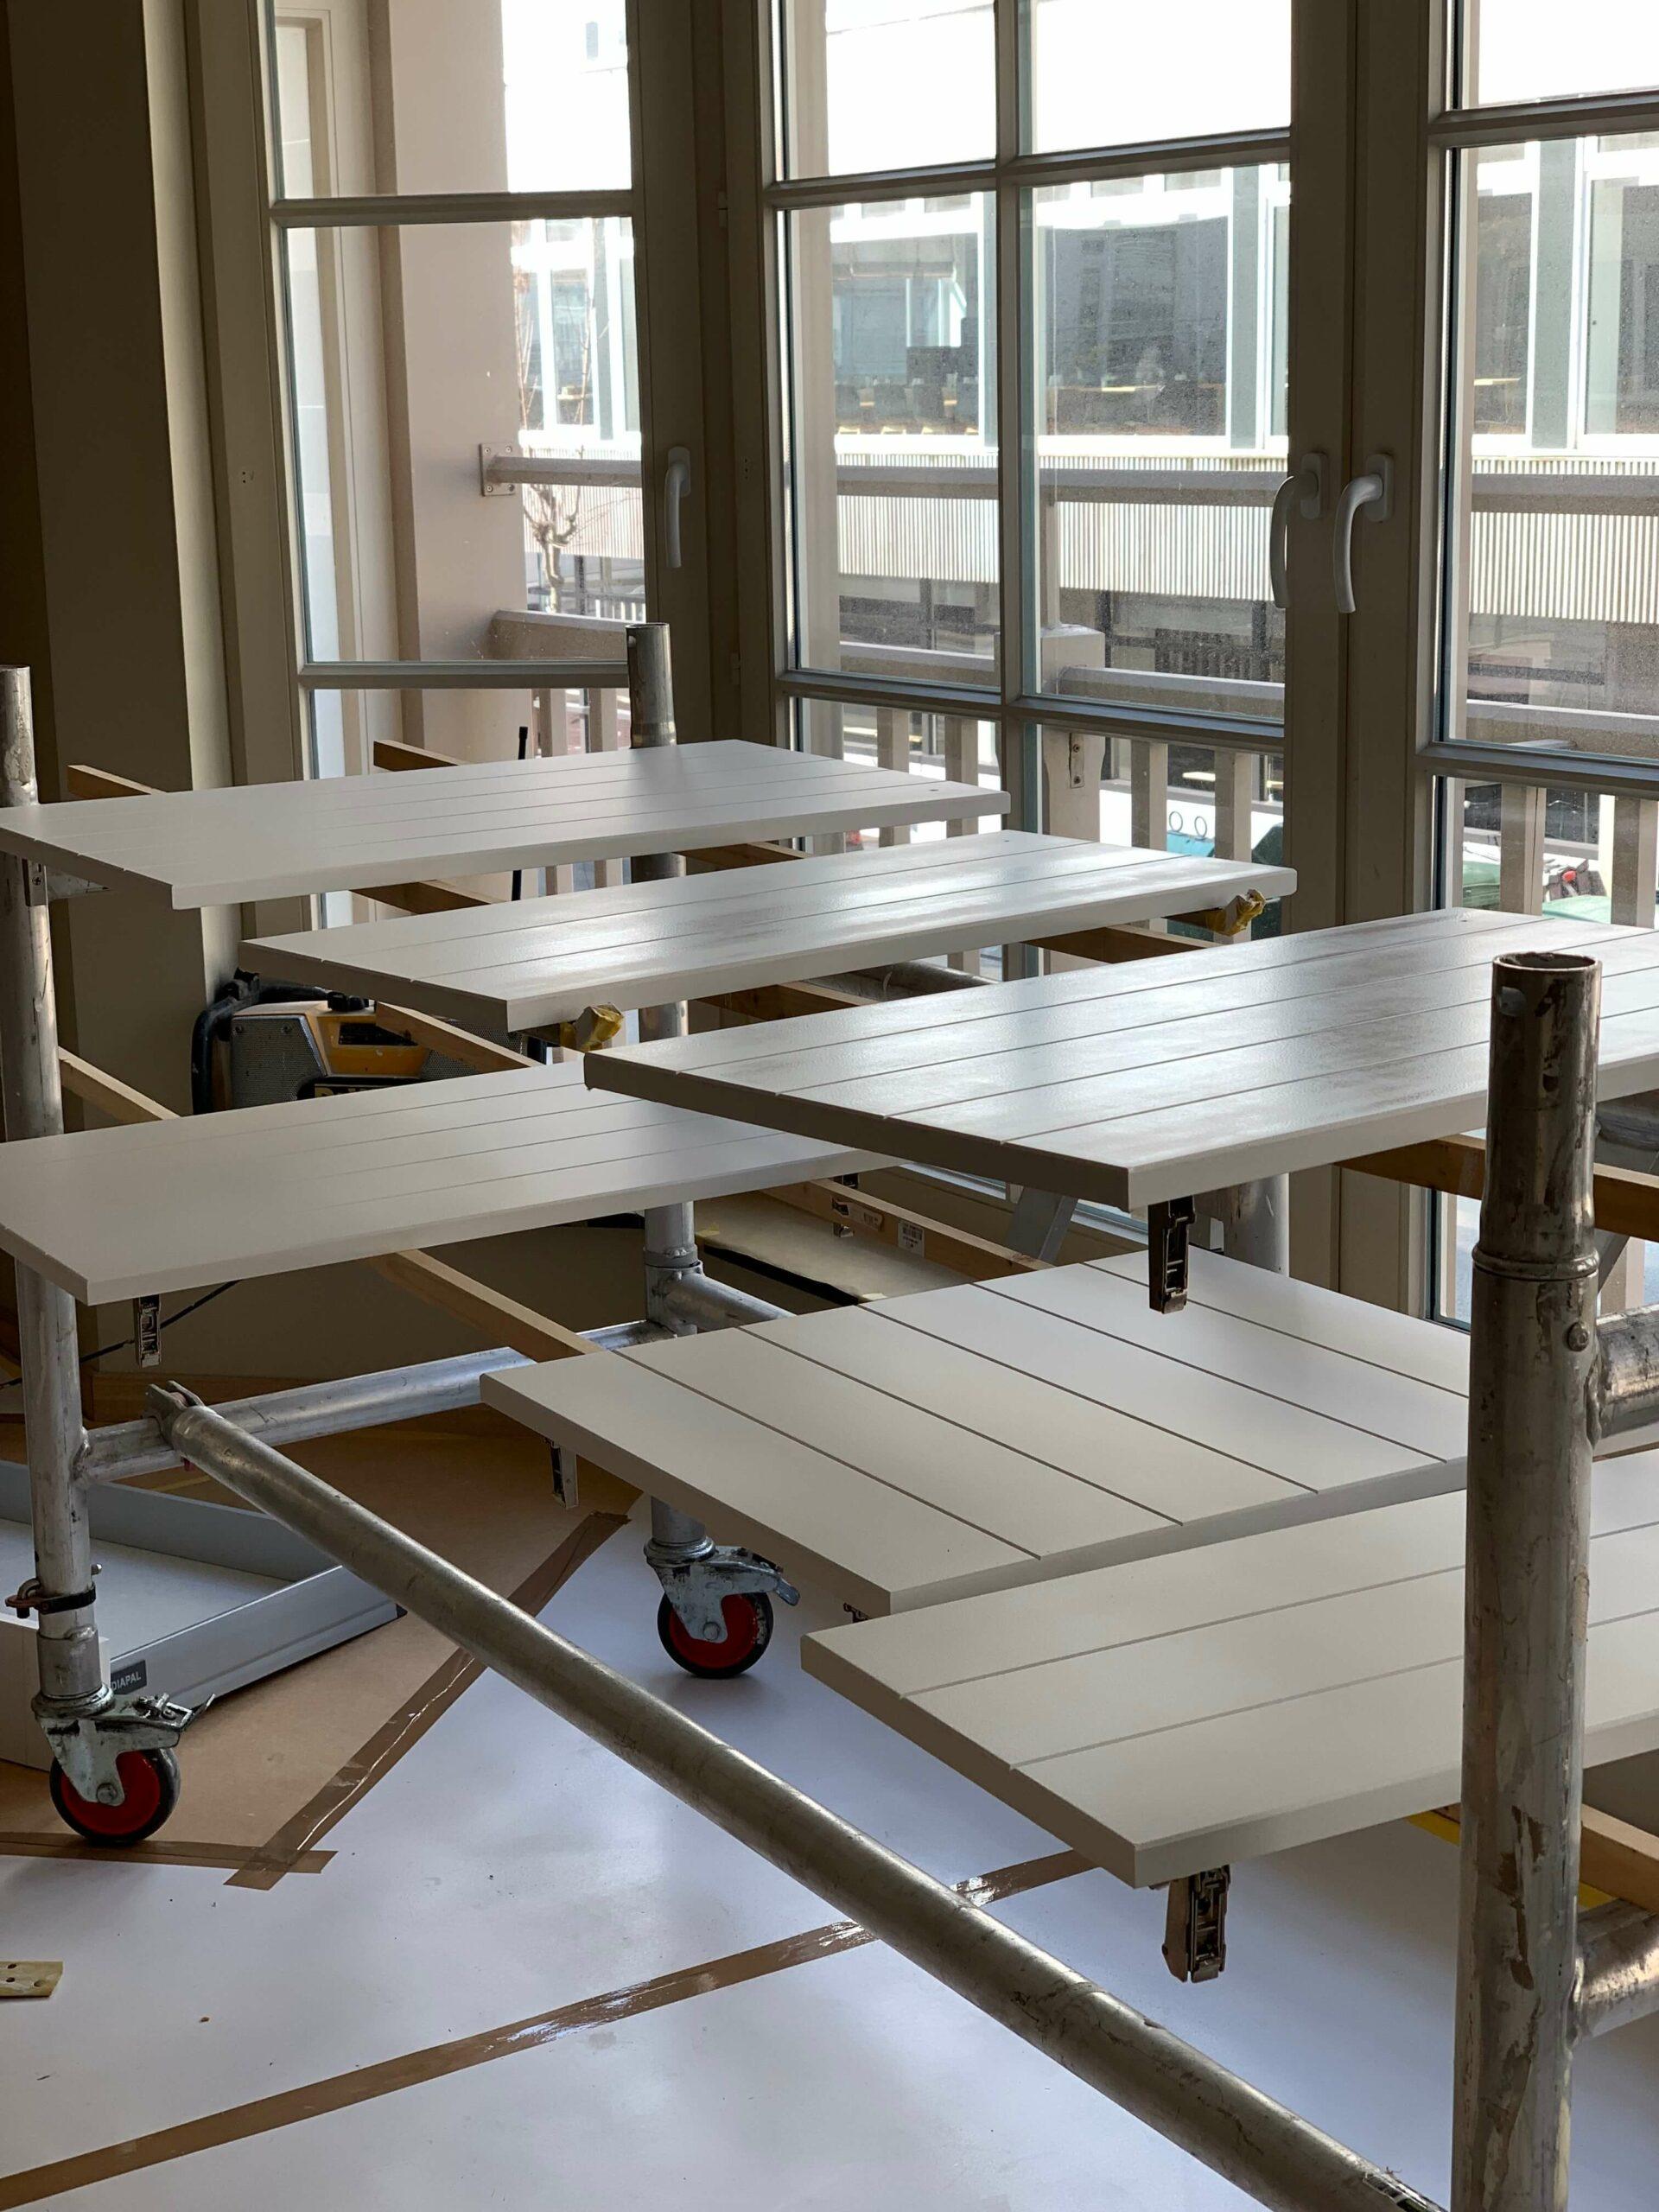 Afbeelding project Nellenslaan Knokke - Artipaint Schilderwerken en Interieur